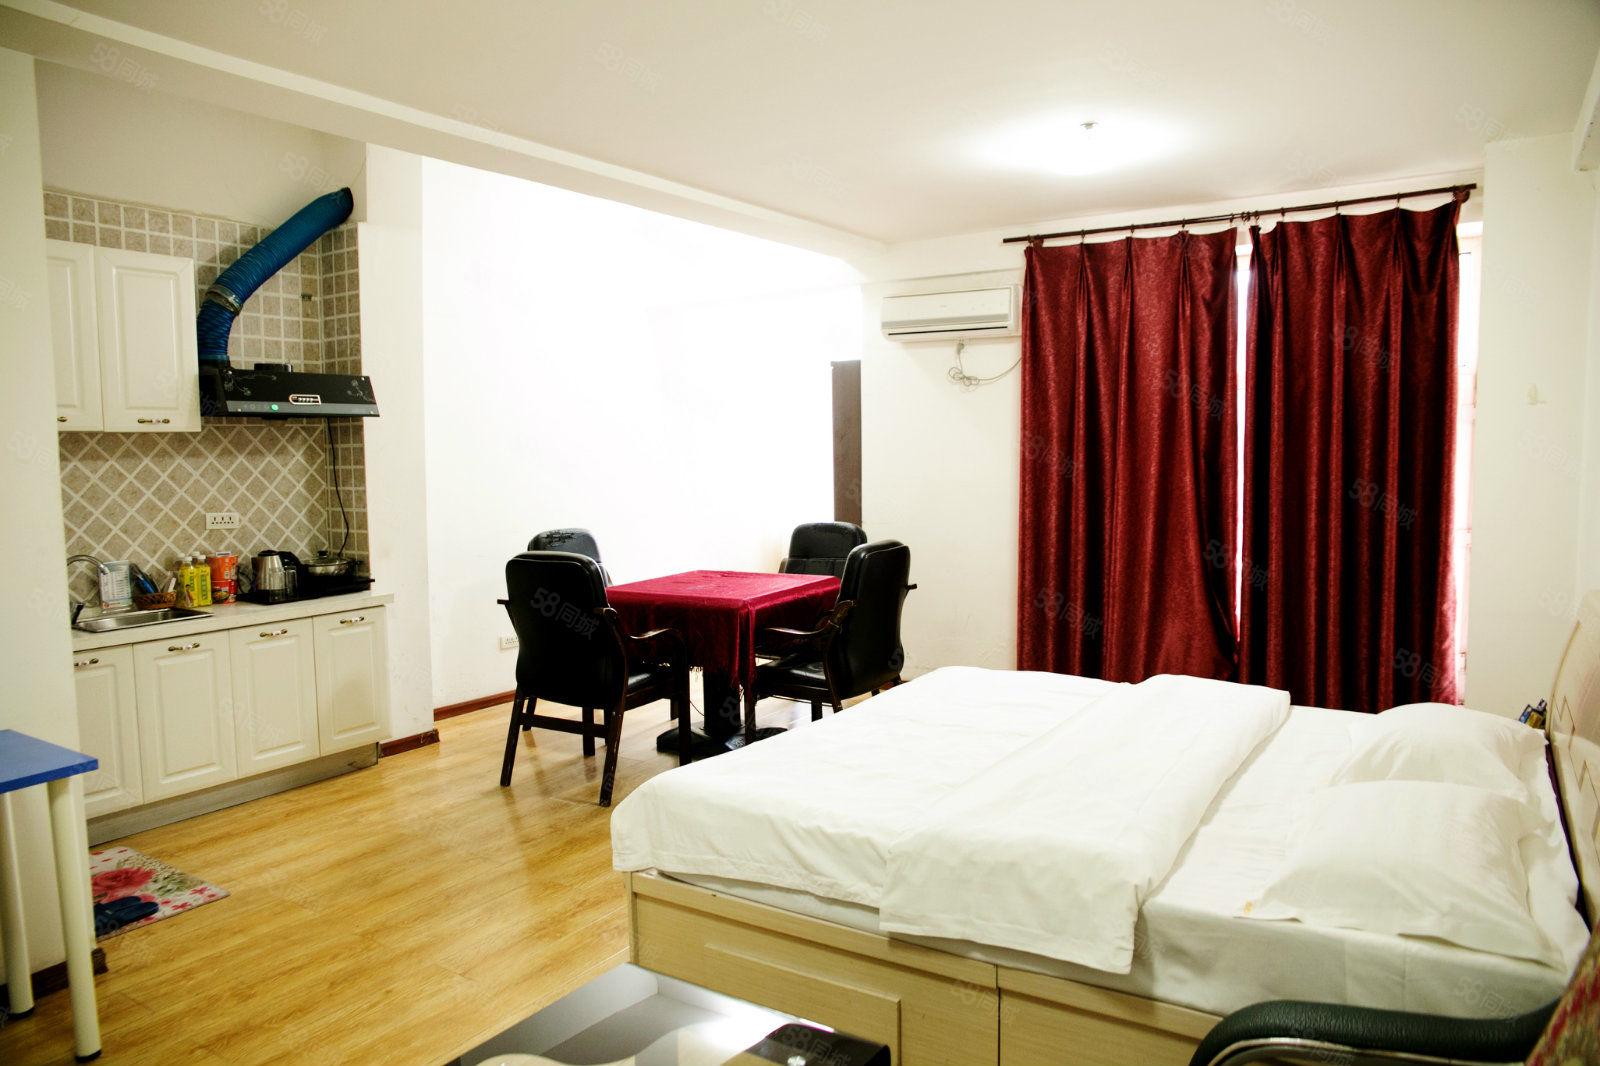 大润发公寓精装修拎包入住,位置优越,找工作机会多